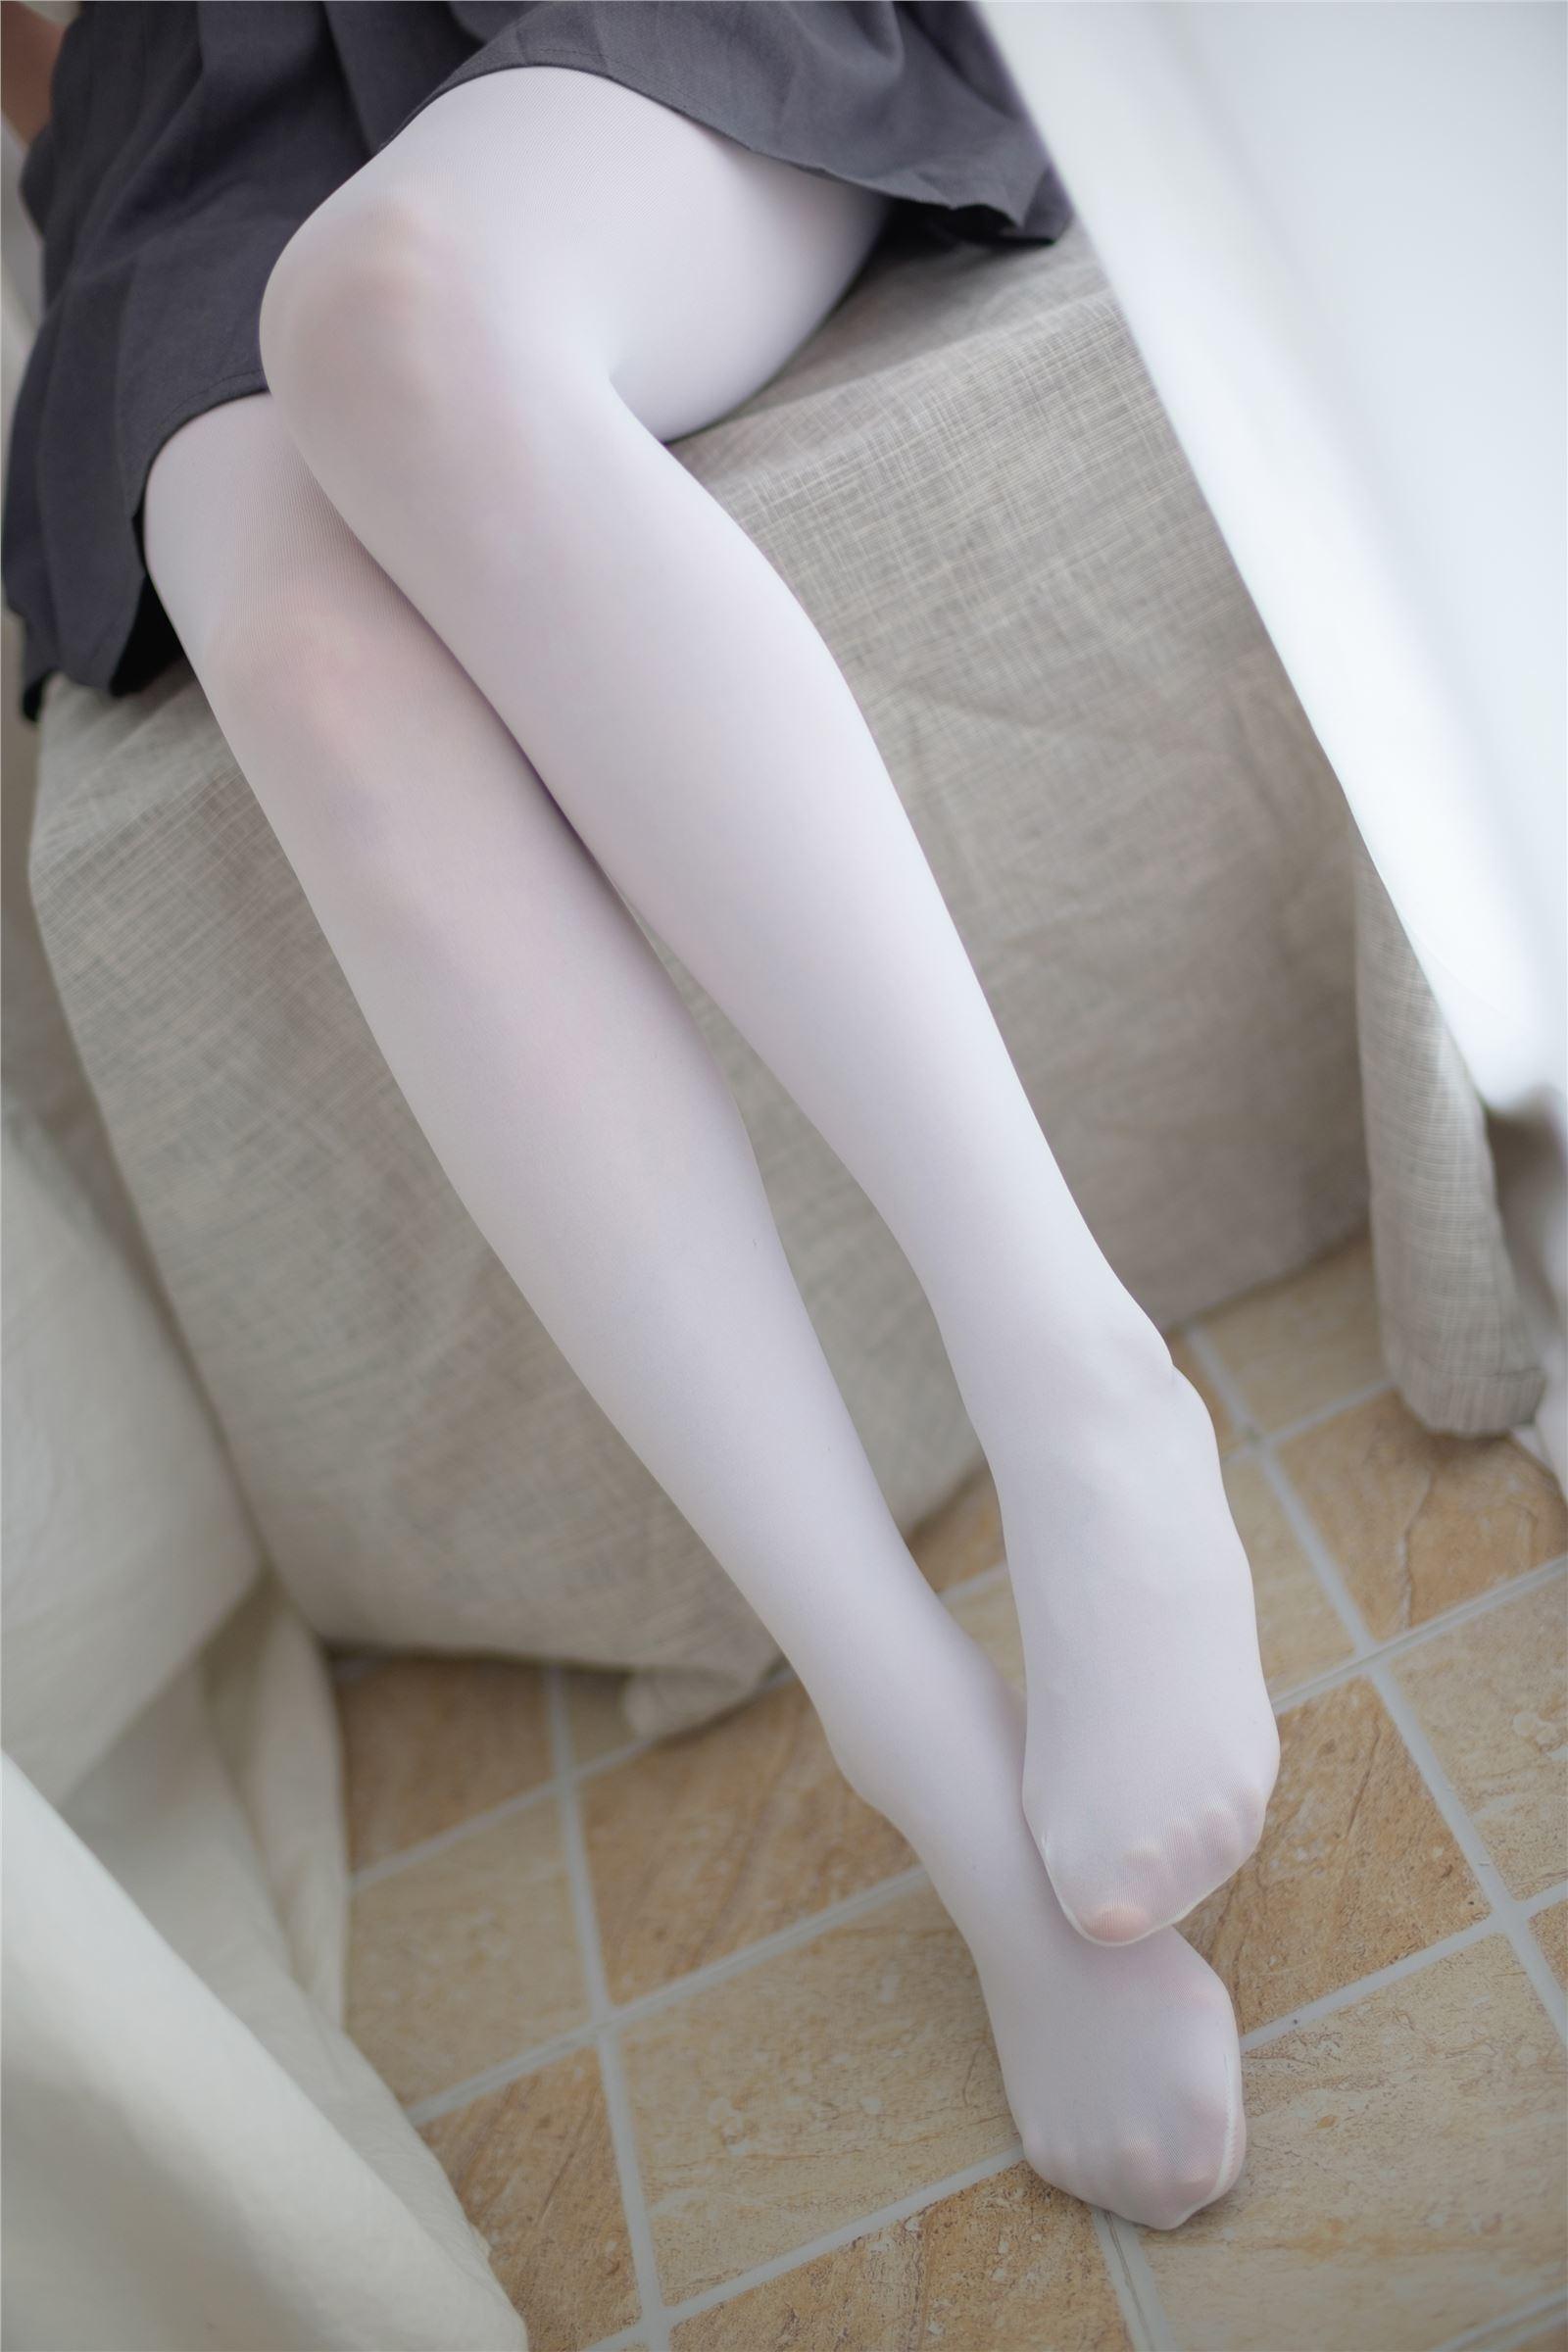 森萝财团 萝莉丝足写真 R15-010 羞嗒嗒的白丝MM